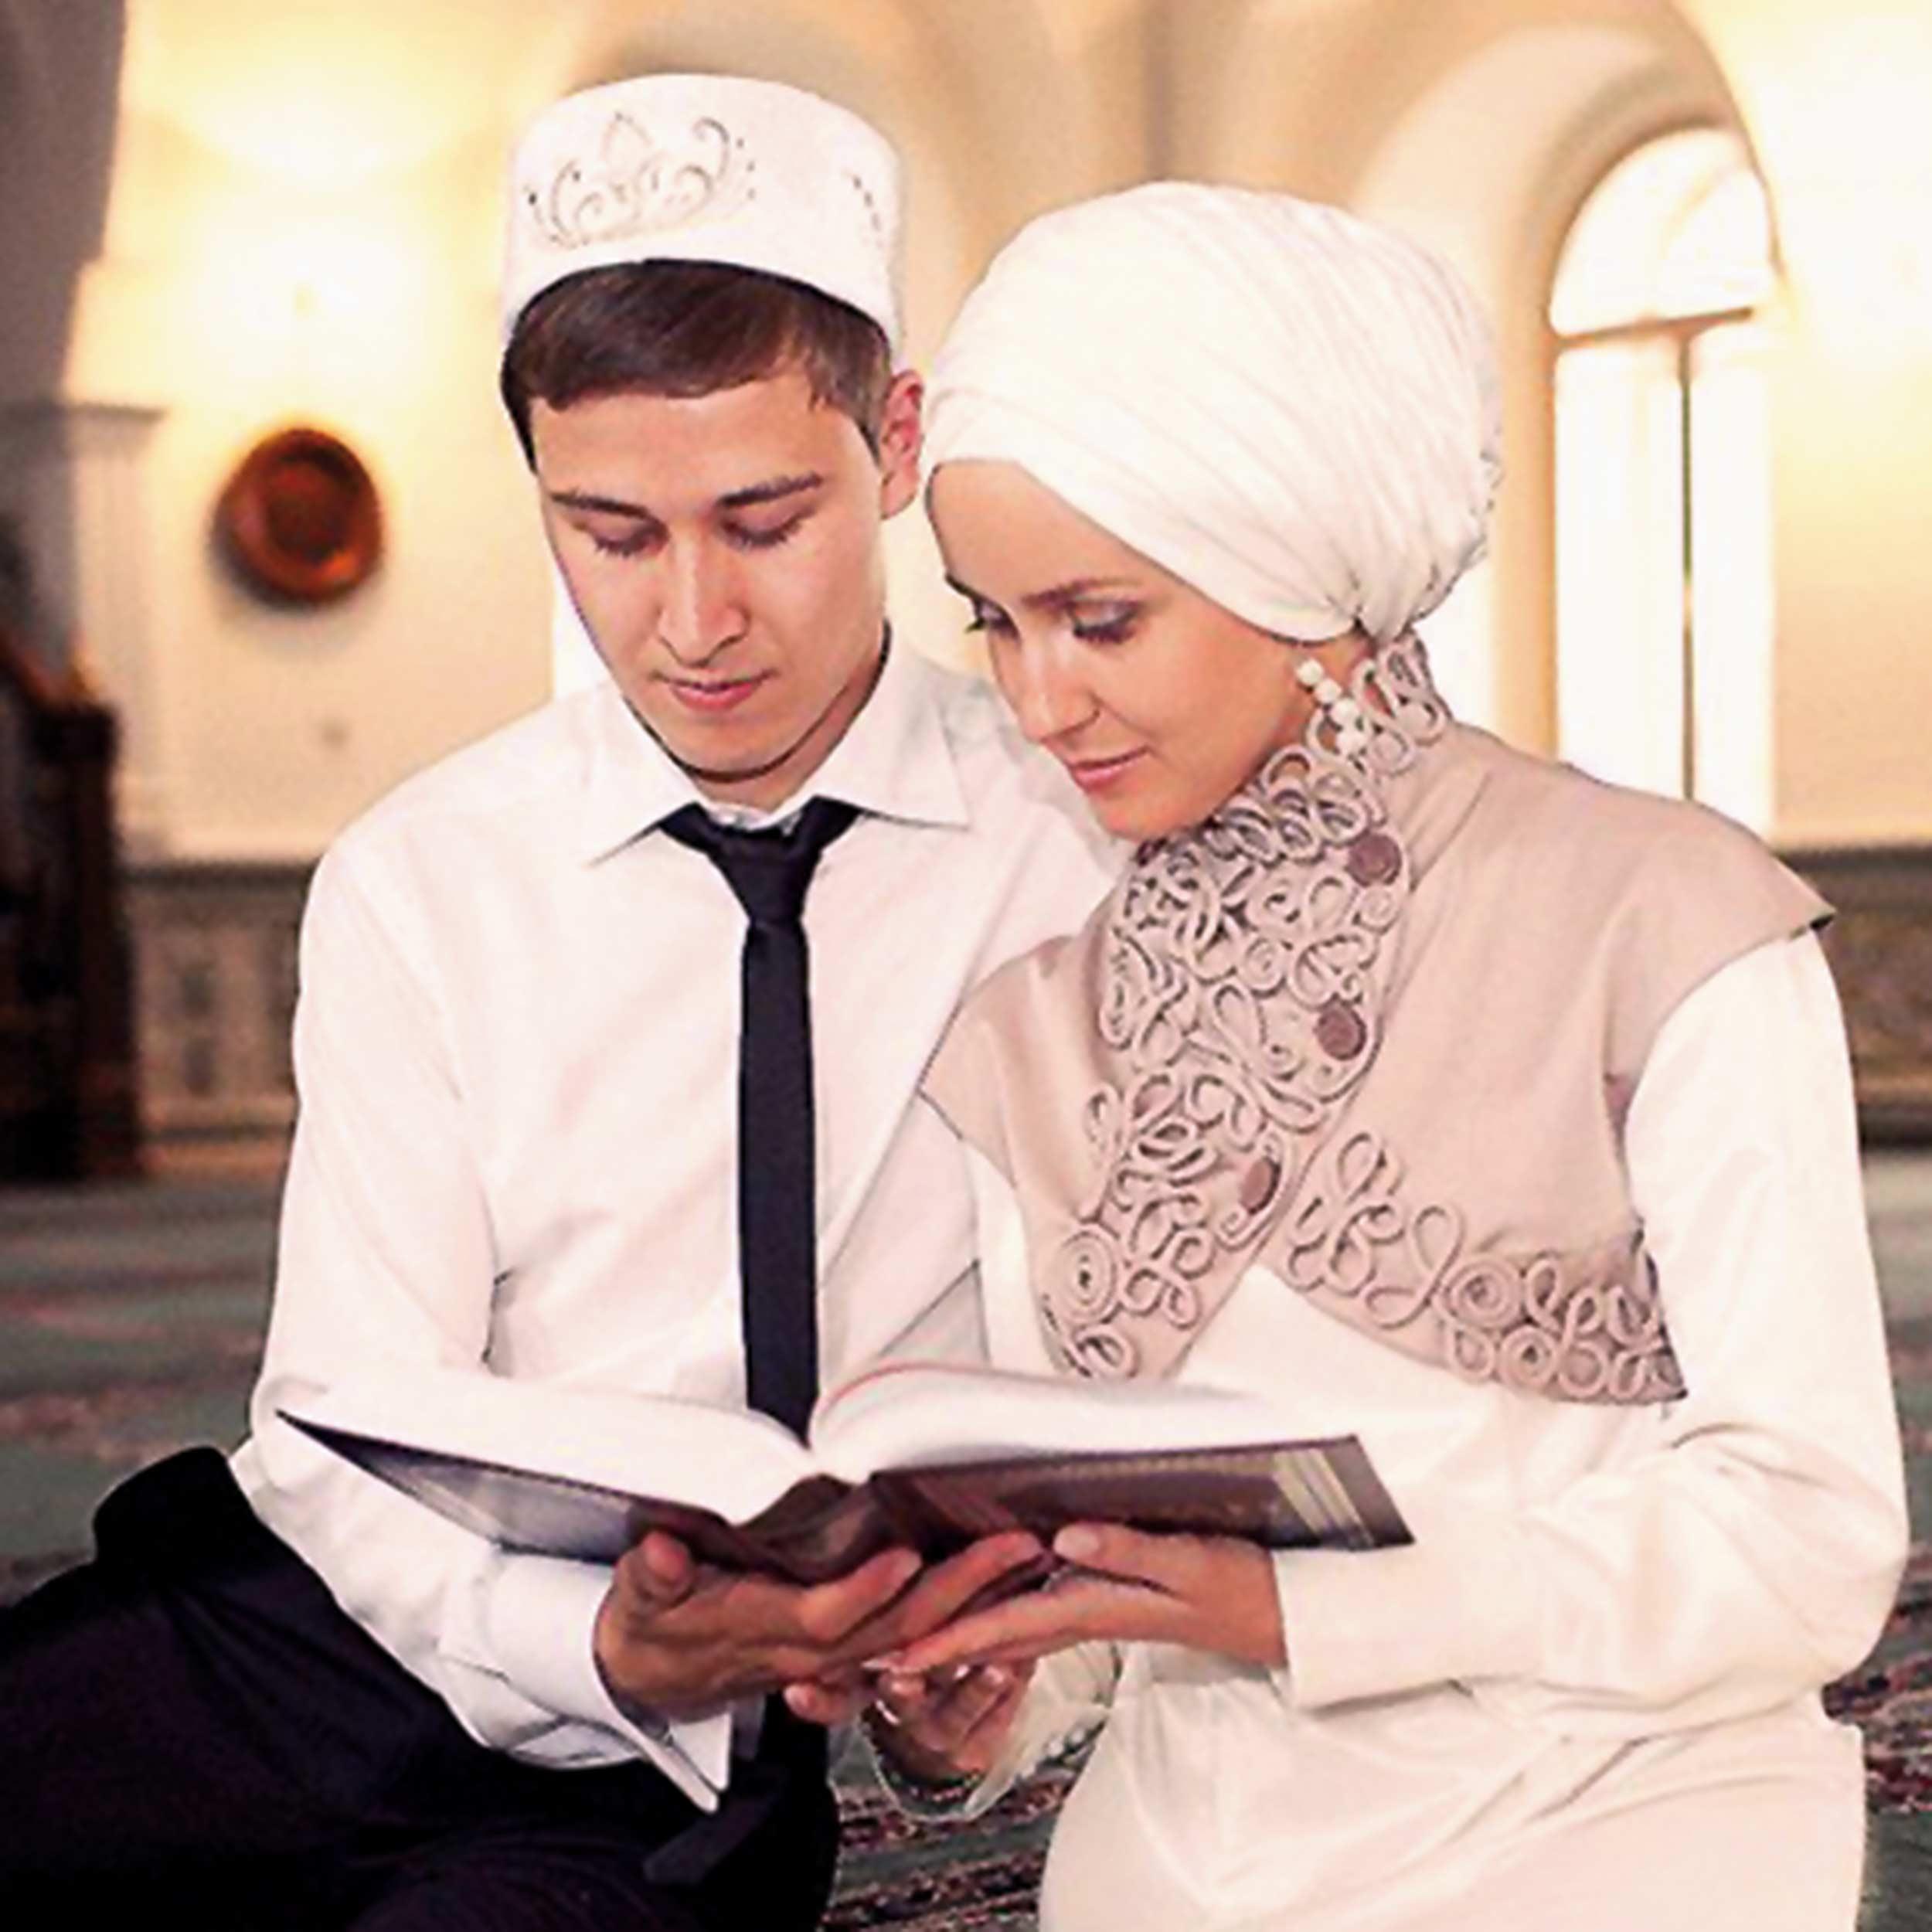 Bild_Hochzeiten_Islam_def_CMYK